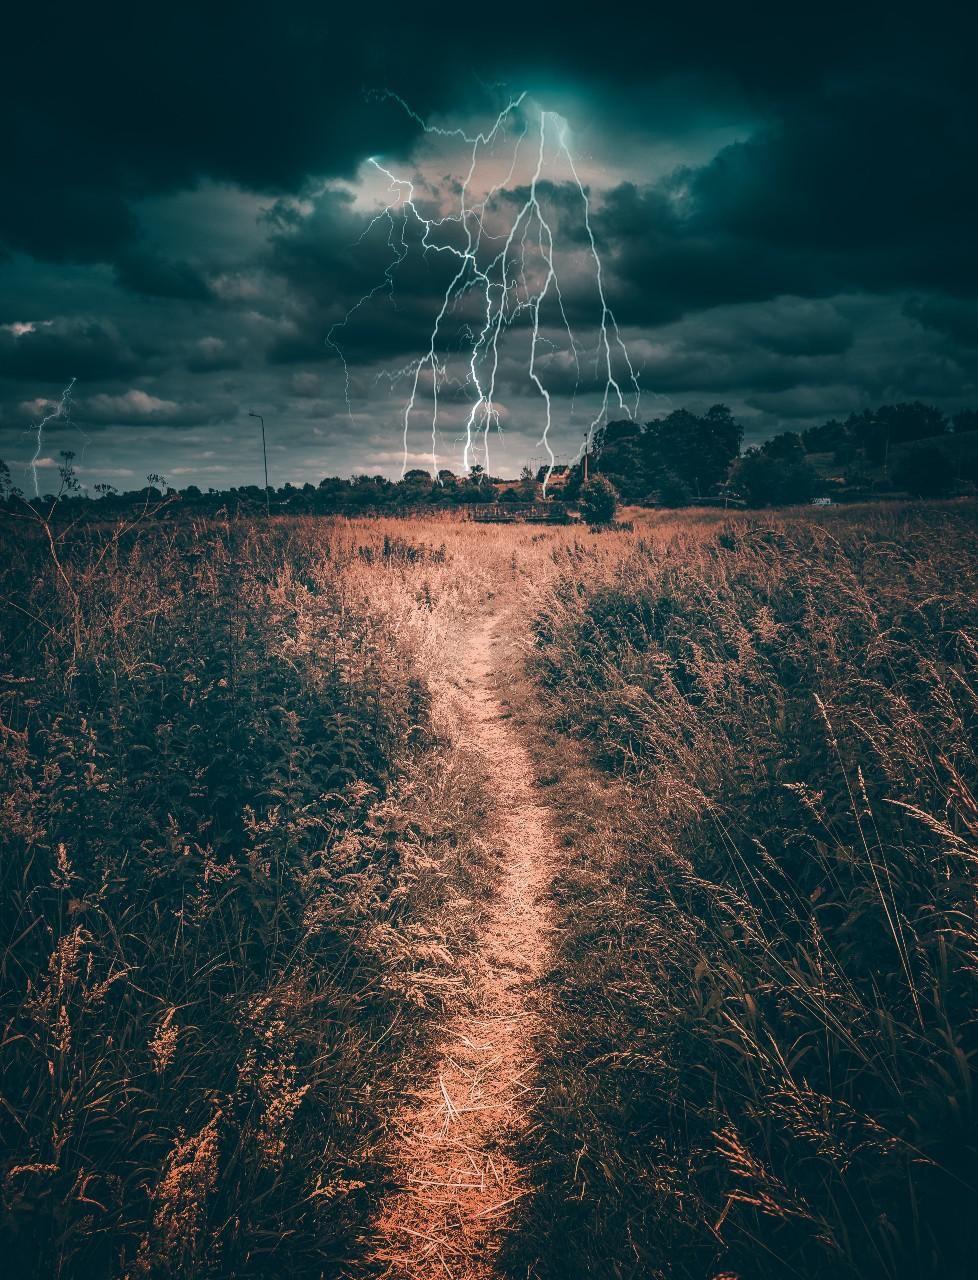 Írországi felvétel villámlásról, illusztráció.